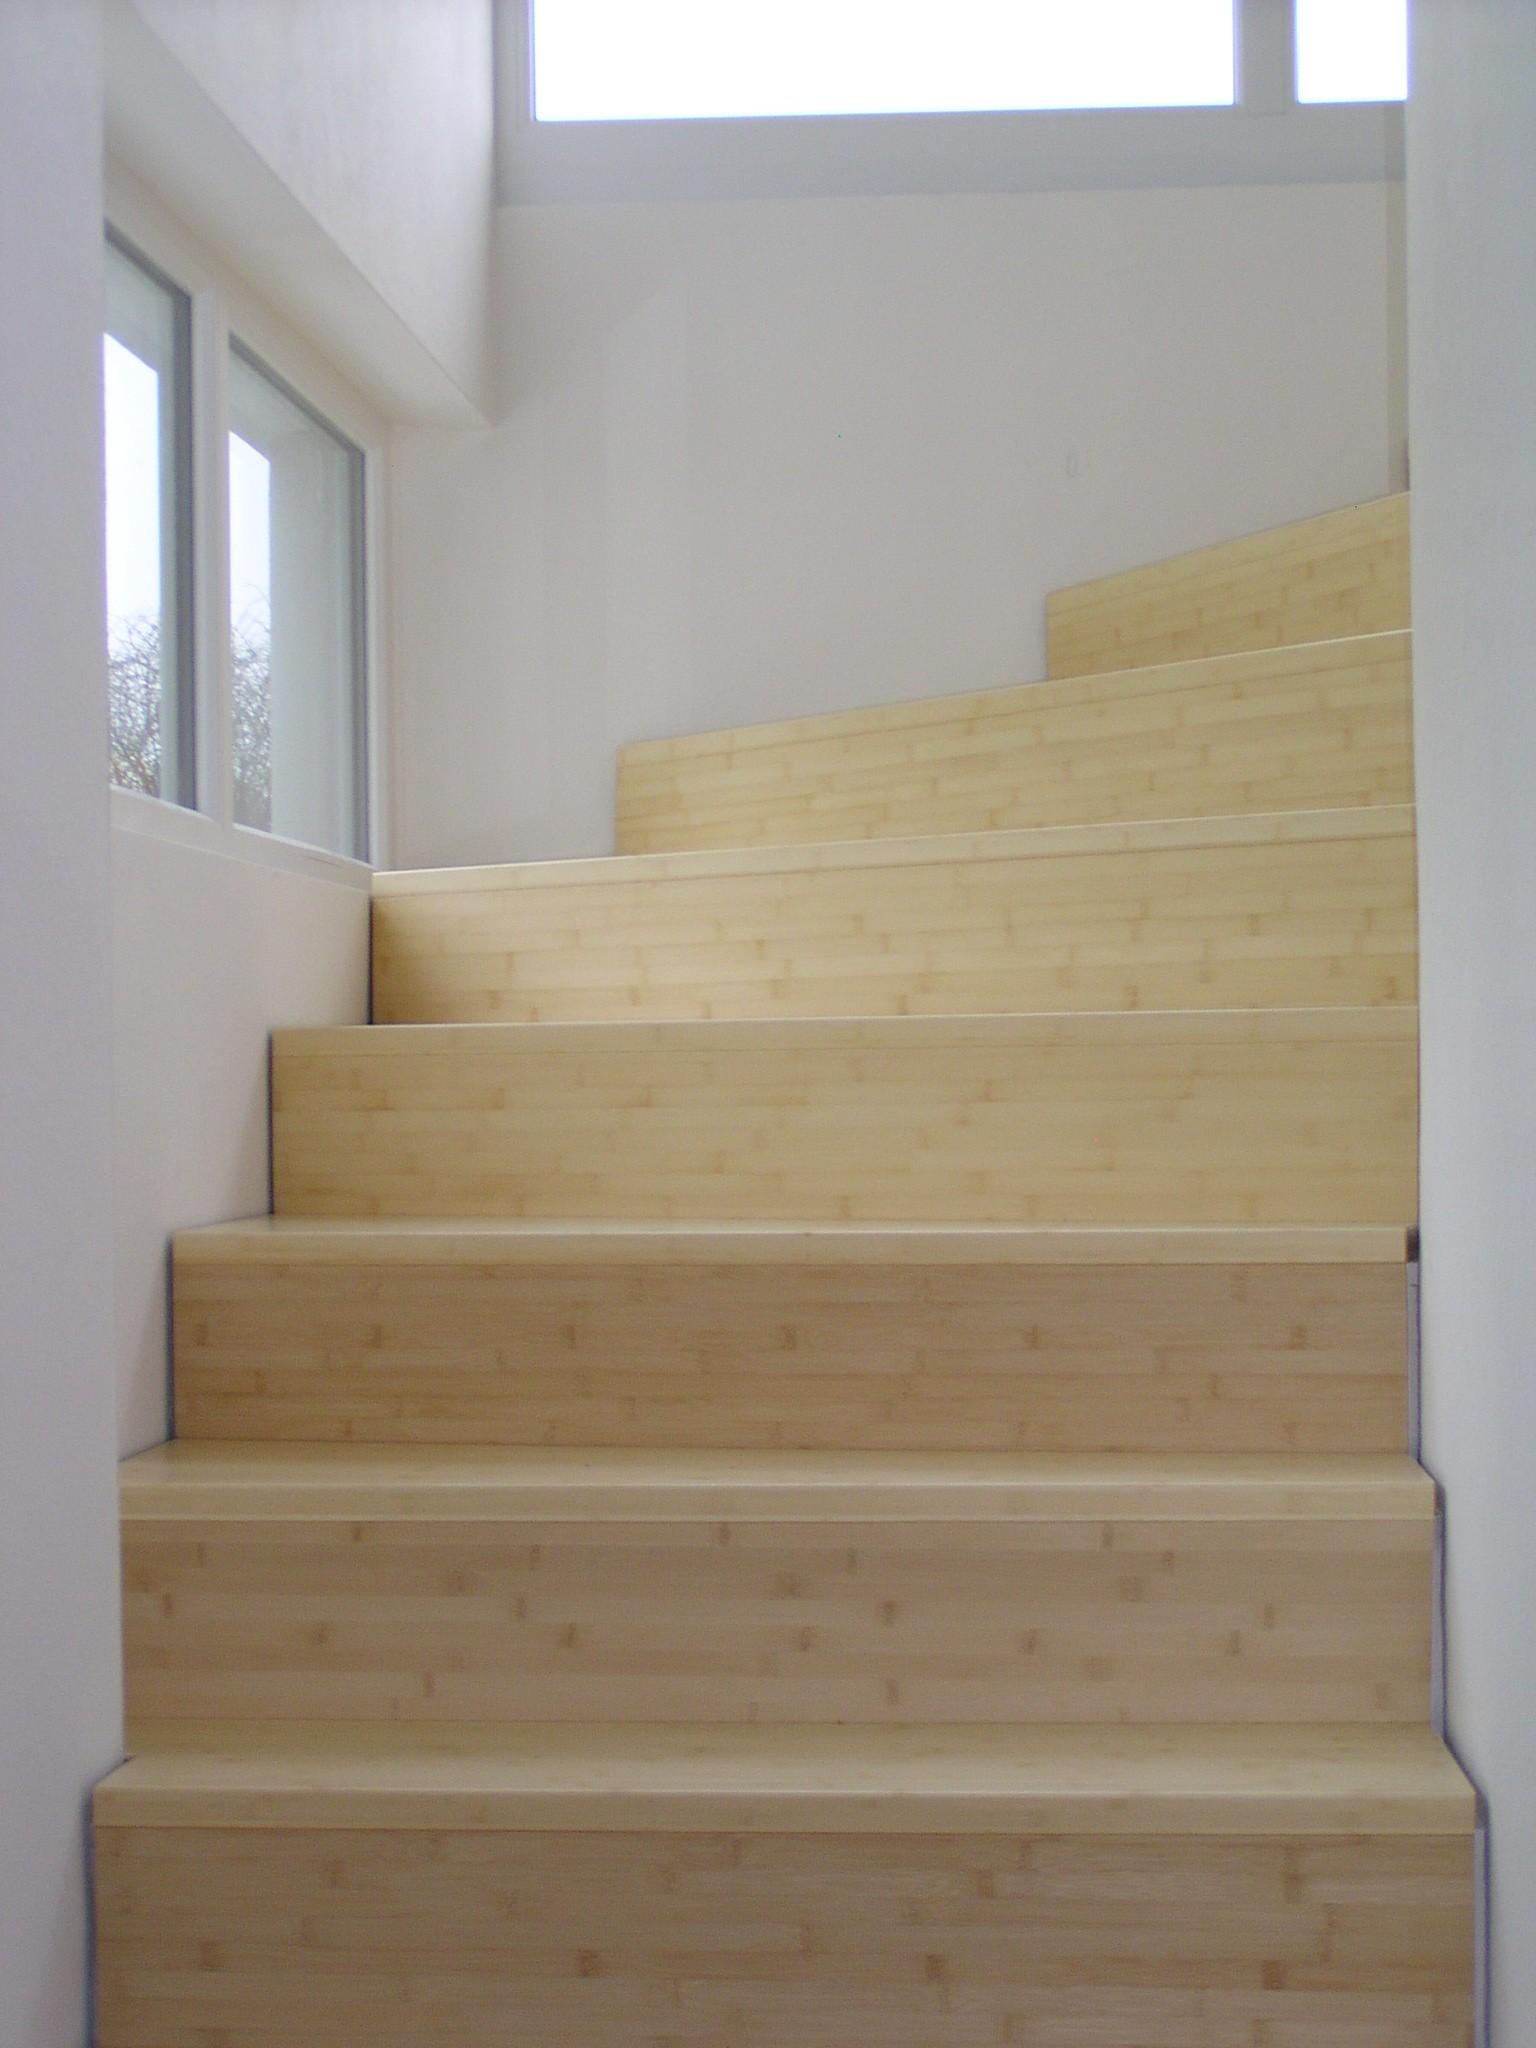 Innentreppe-bambus-05